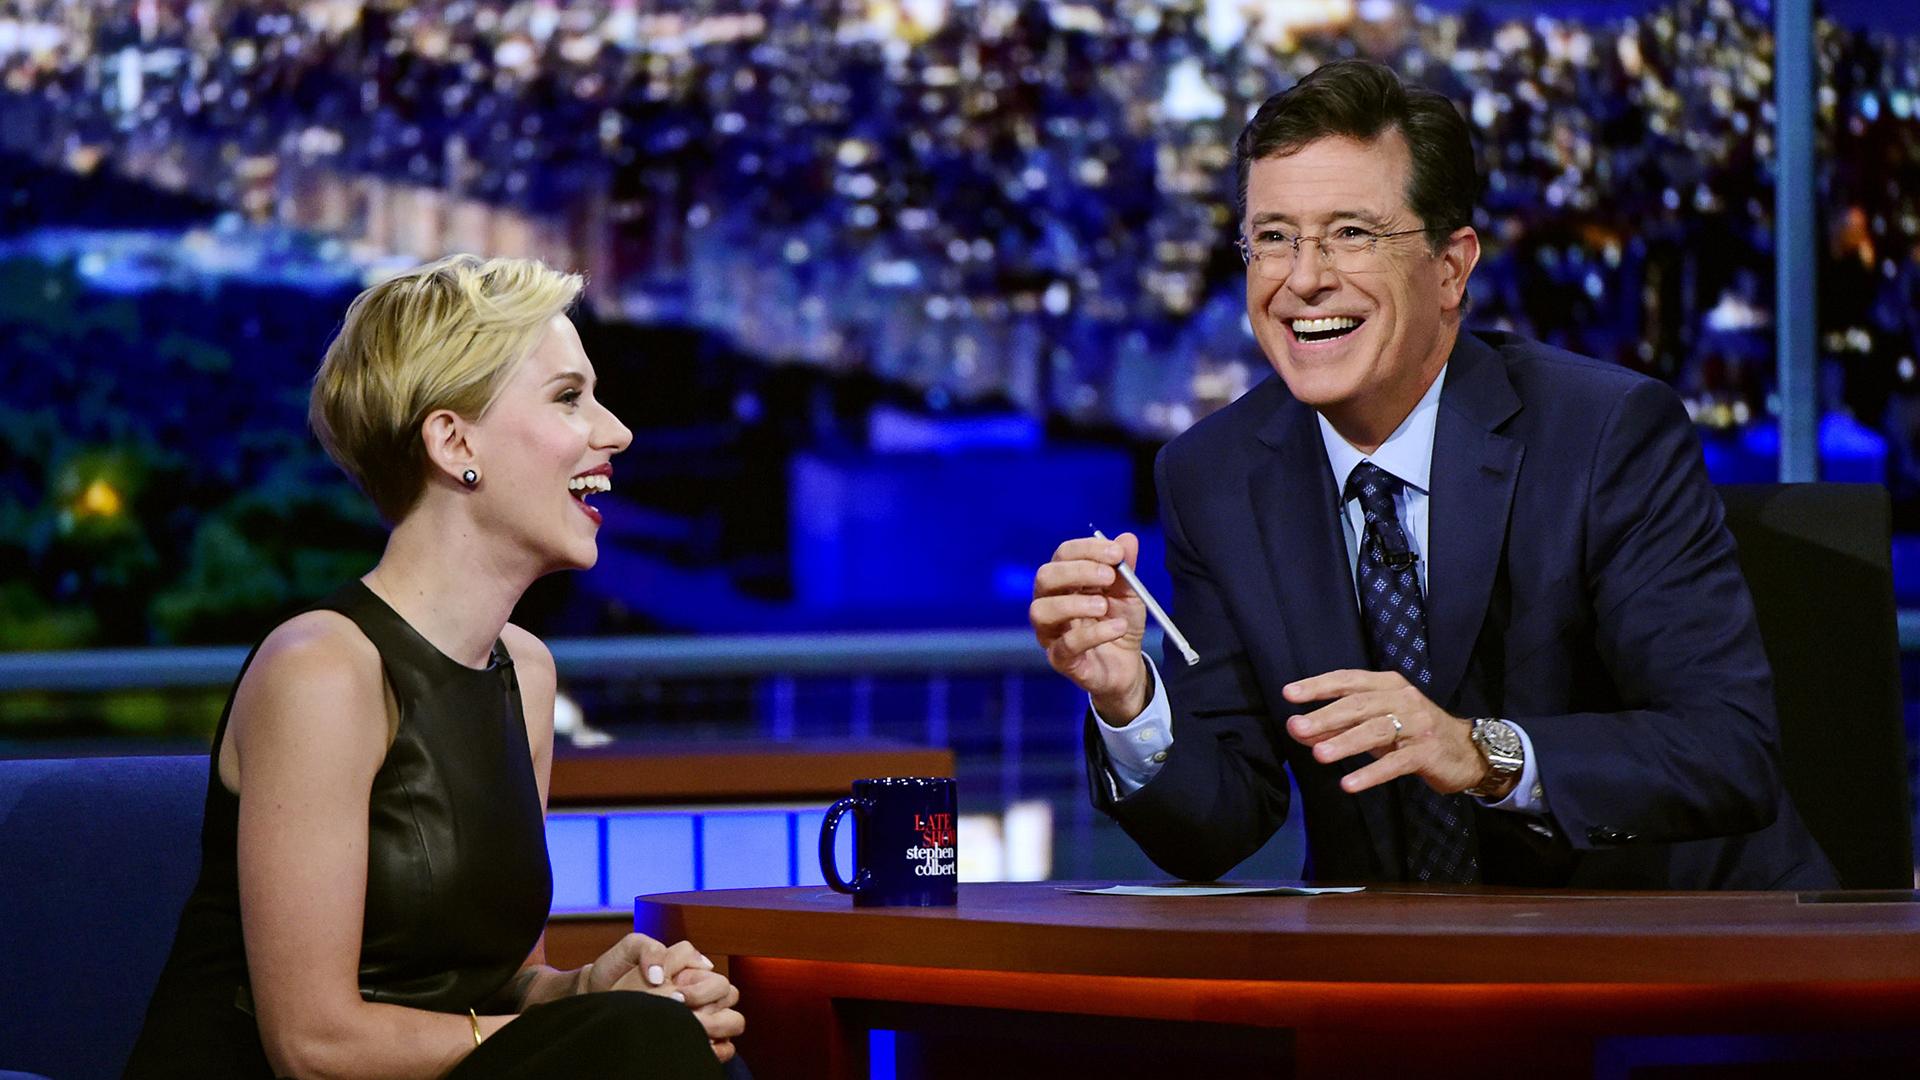 Scarlett Johansson and Stephen Colbert